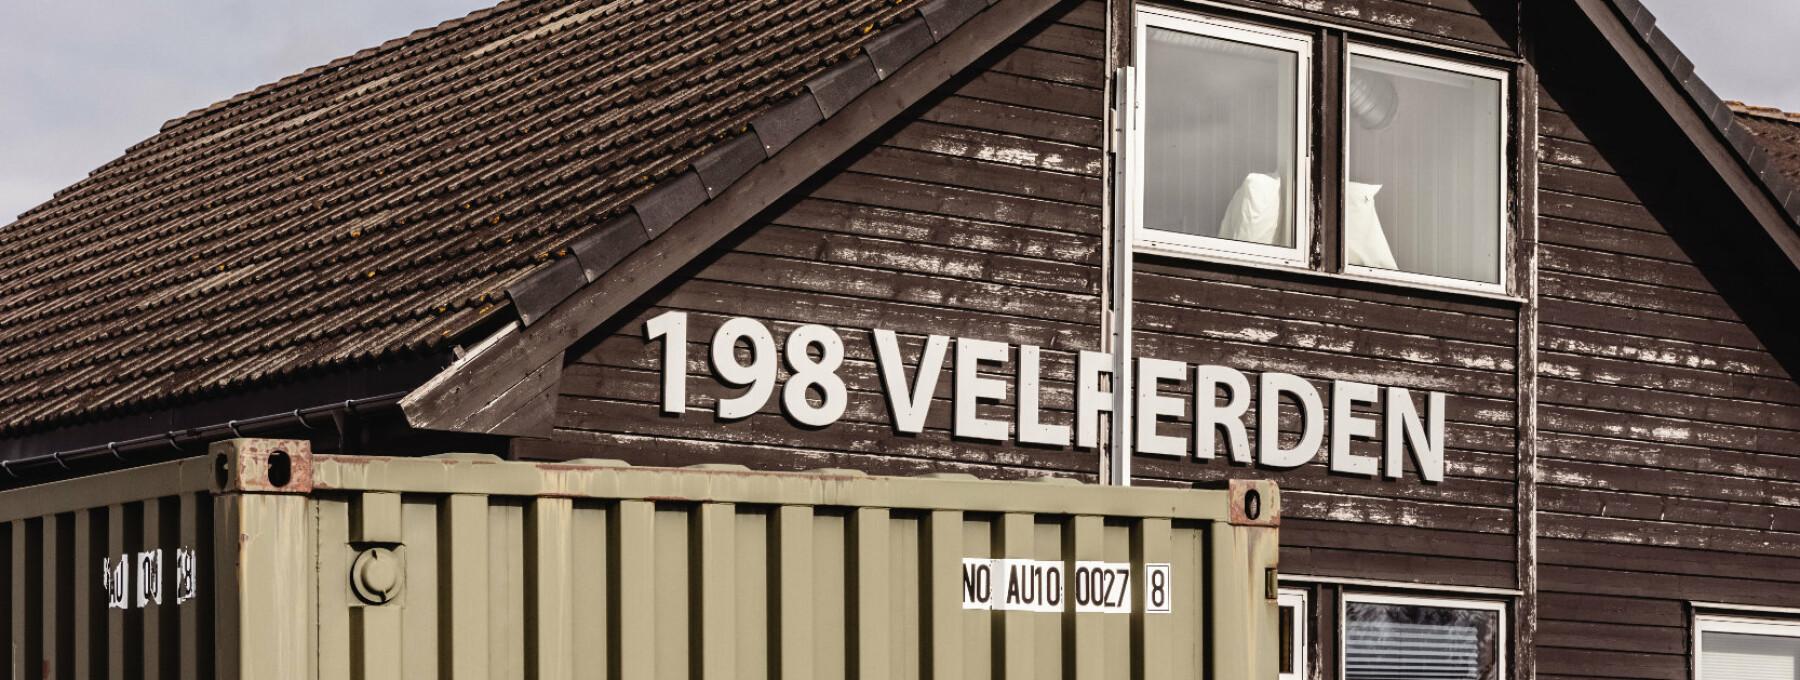 Velferd på Andøya.